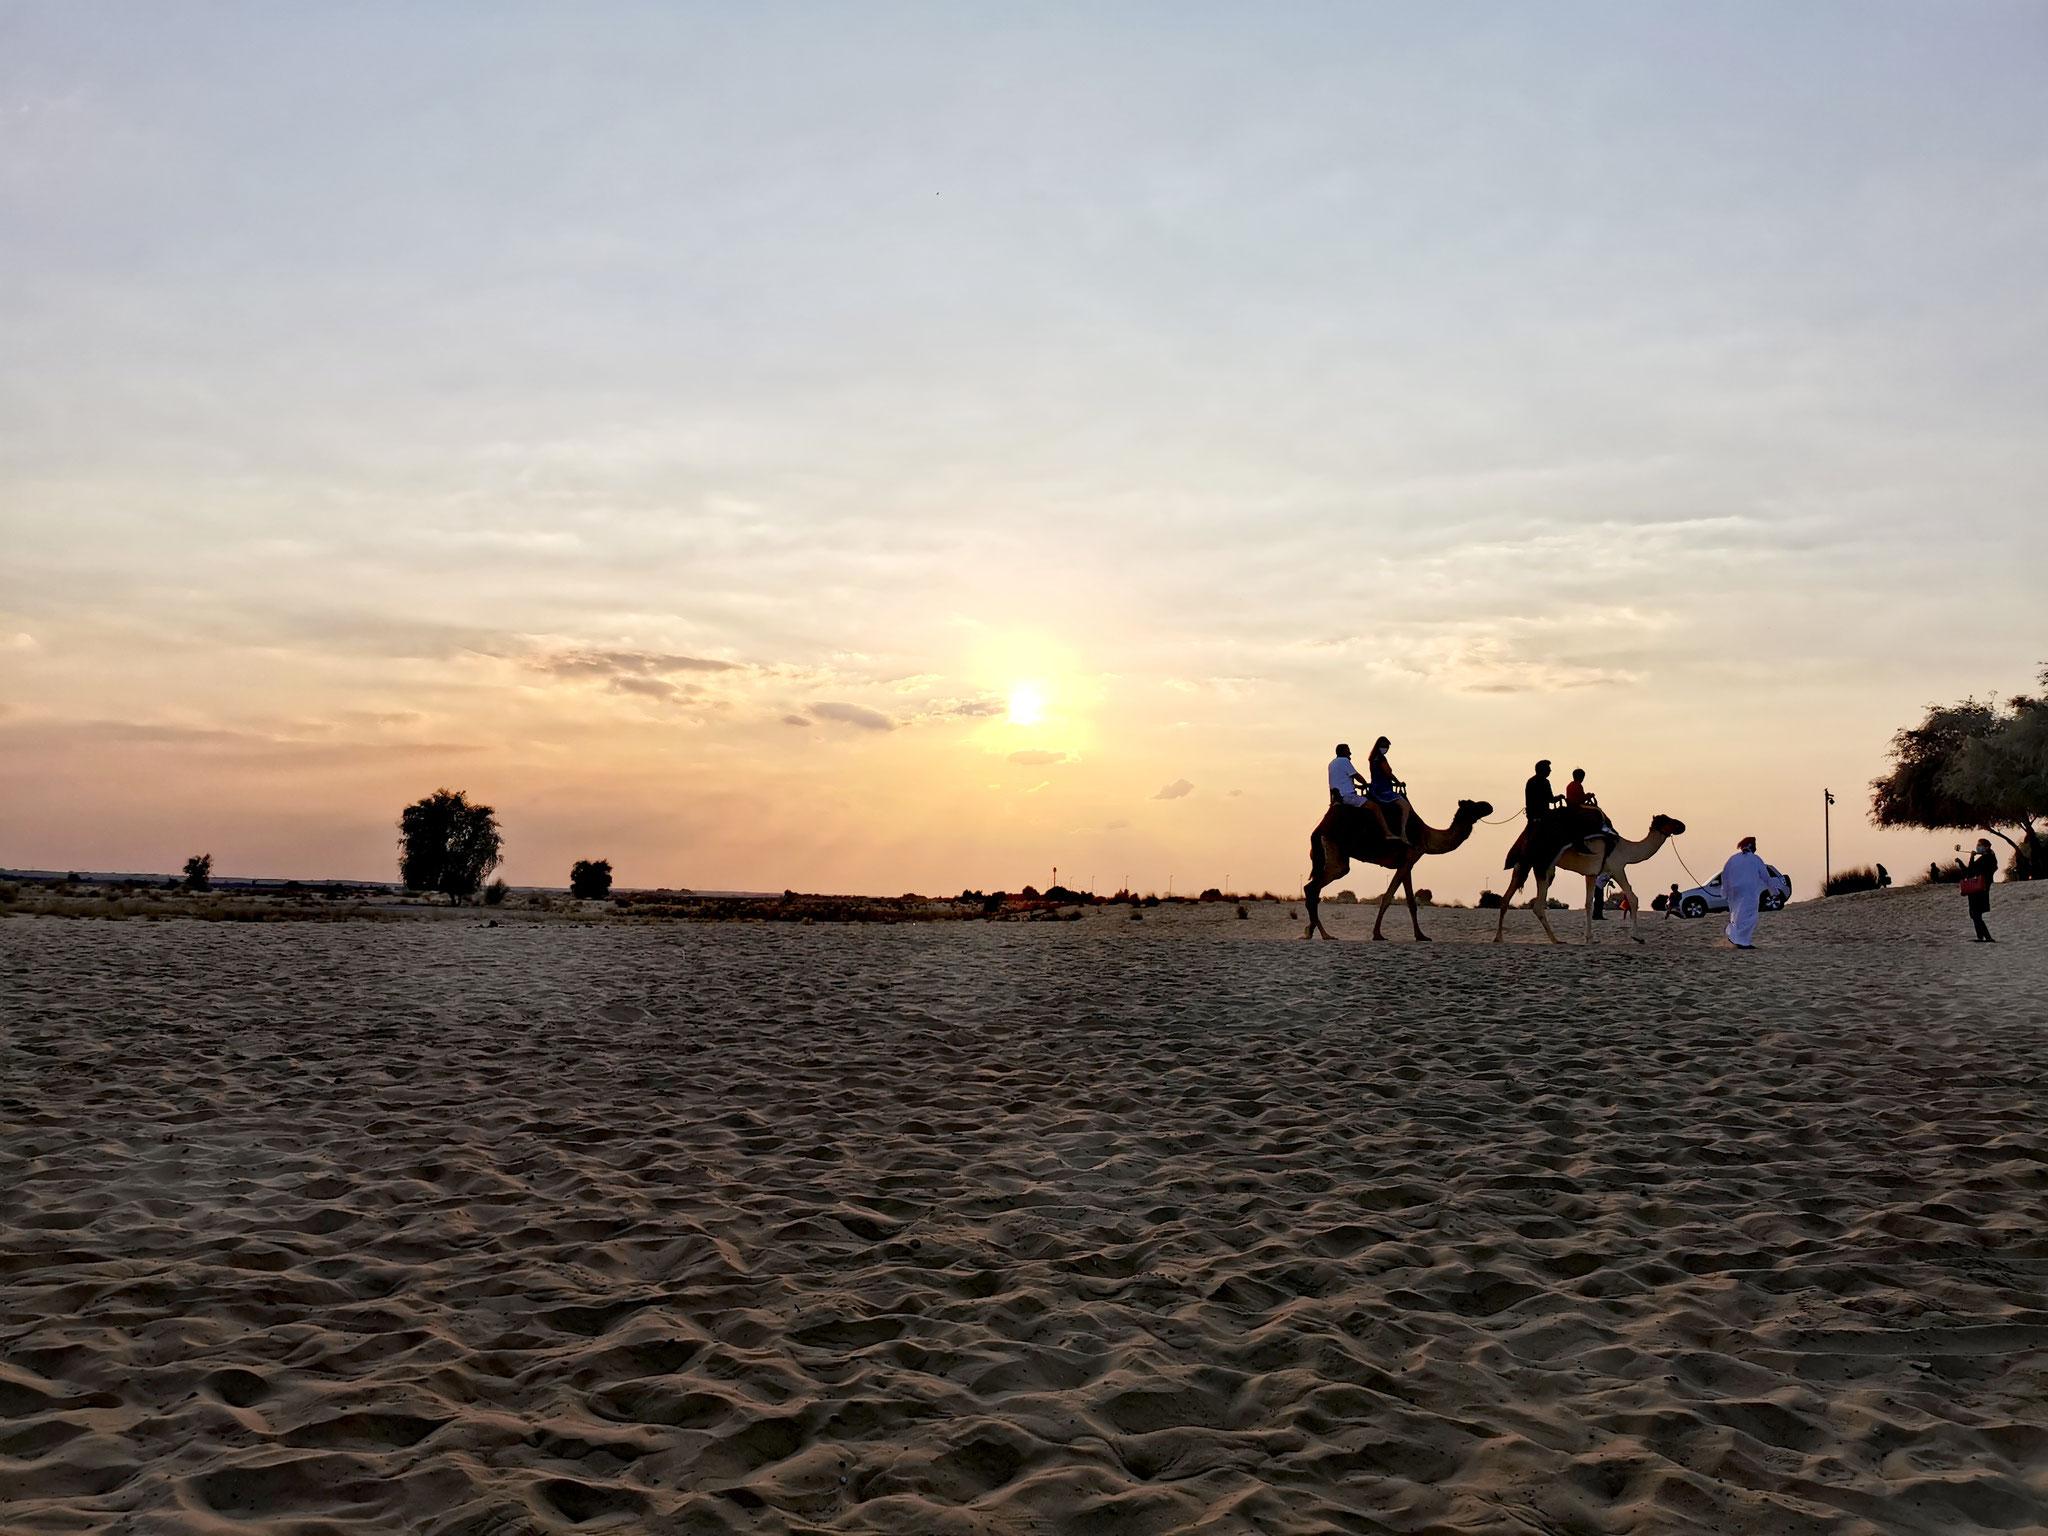 Ein atemberaubender Sonnenuntergang in der Wüste